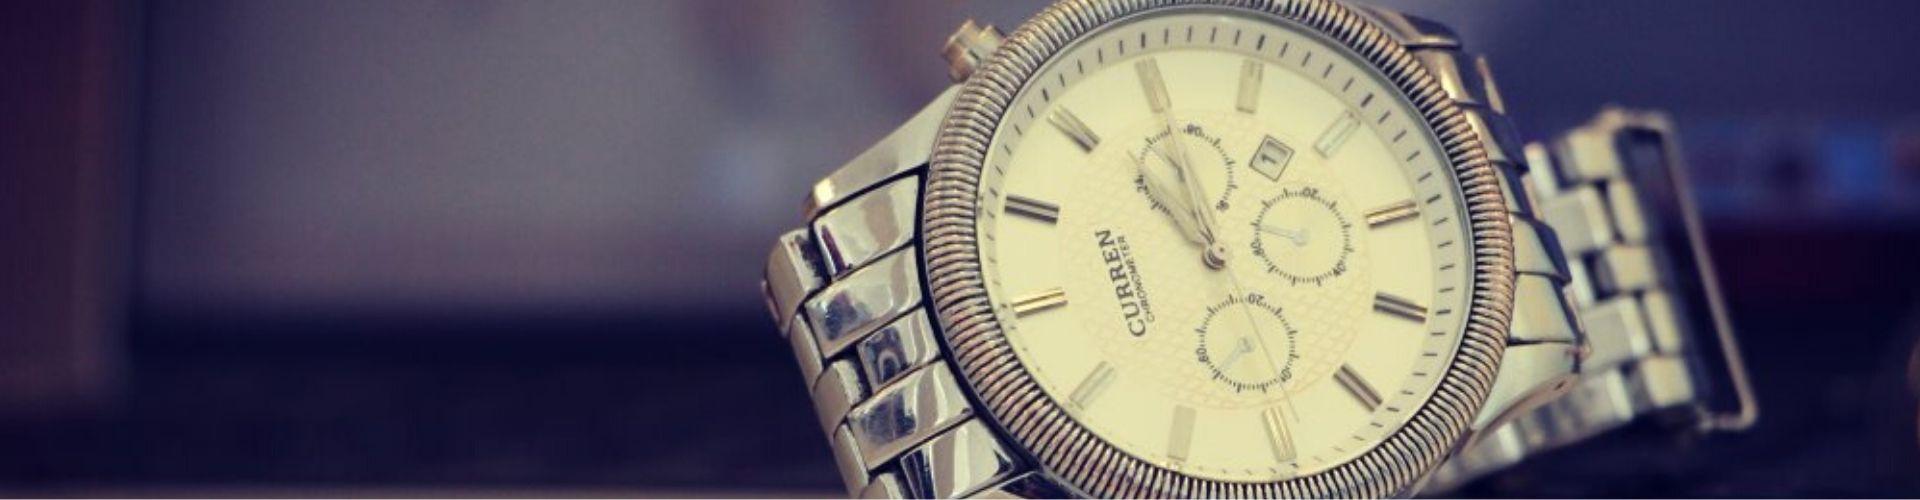 Uhren - Herrenuhren - Damenuhren